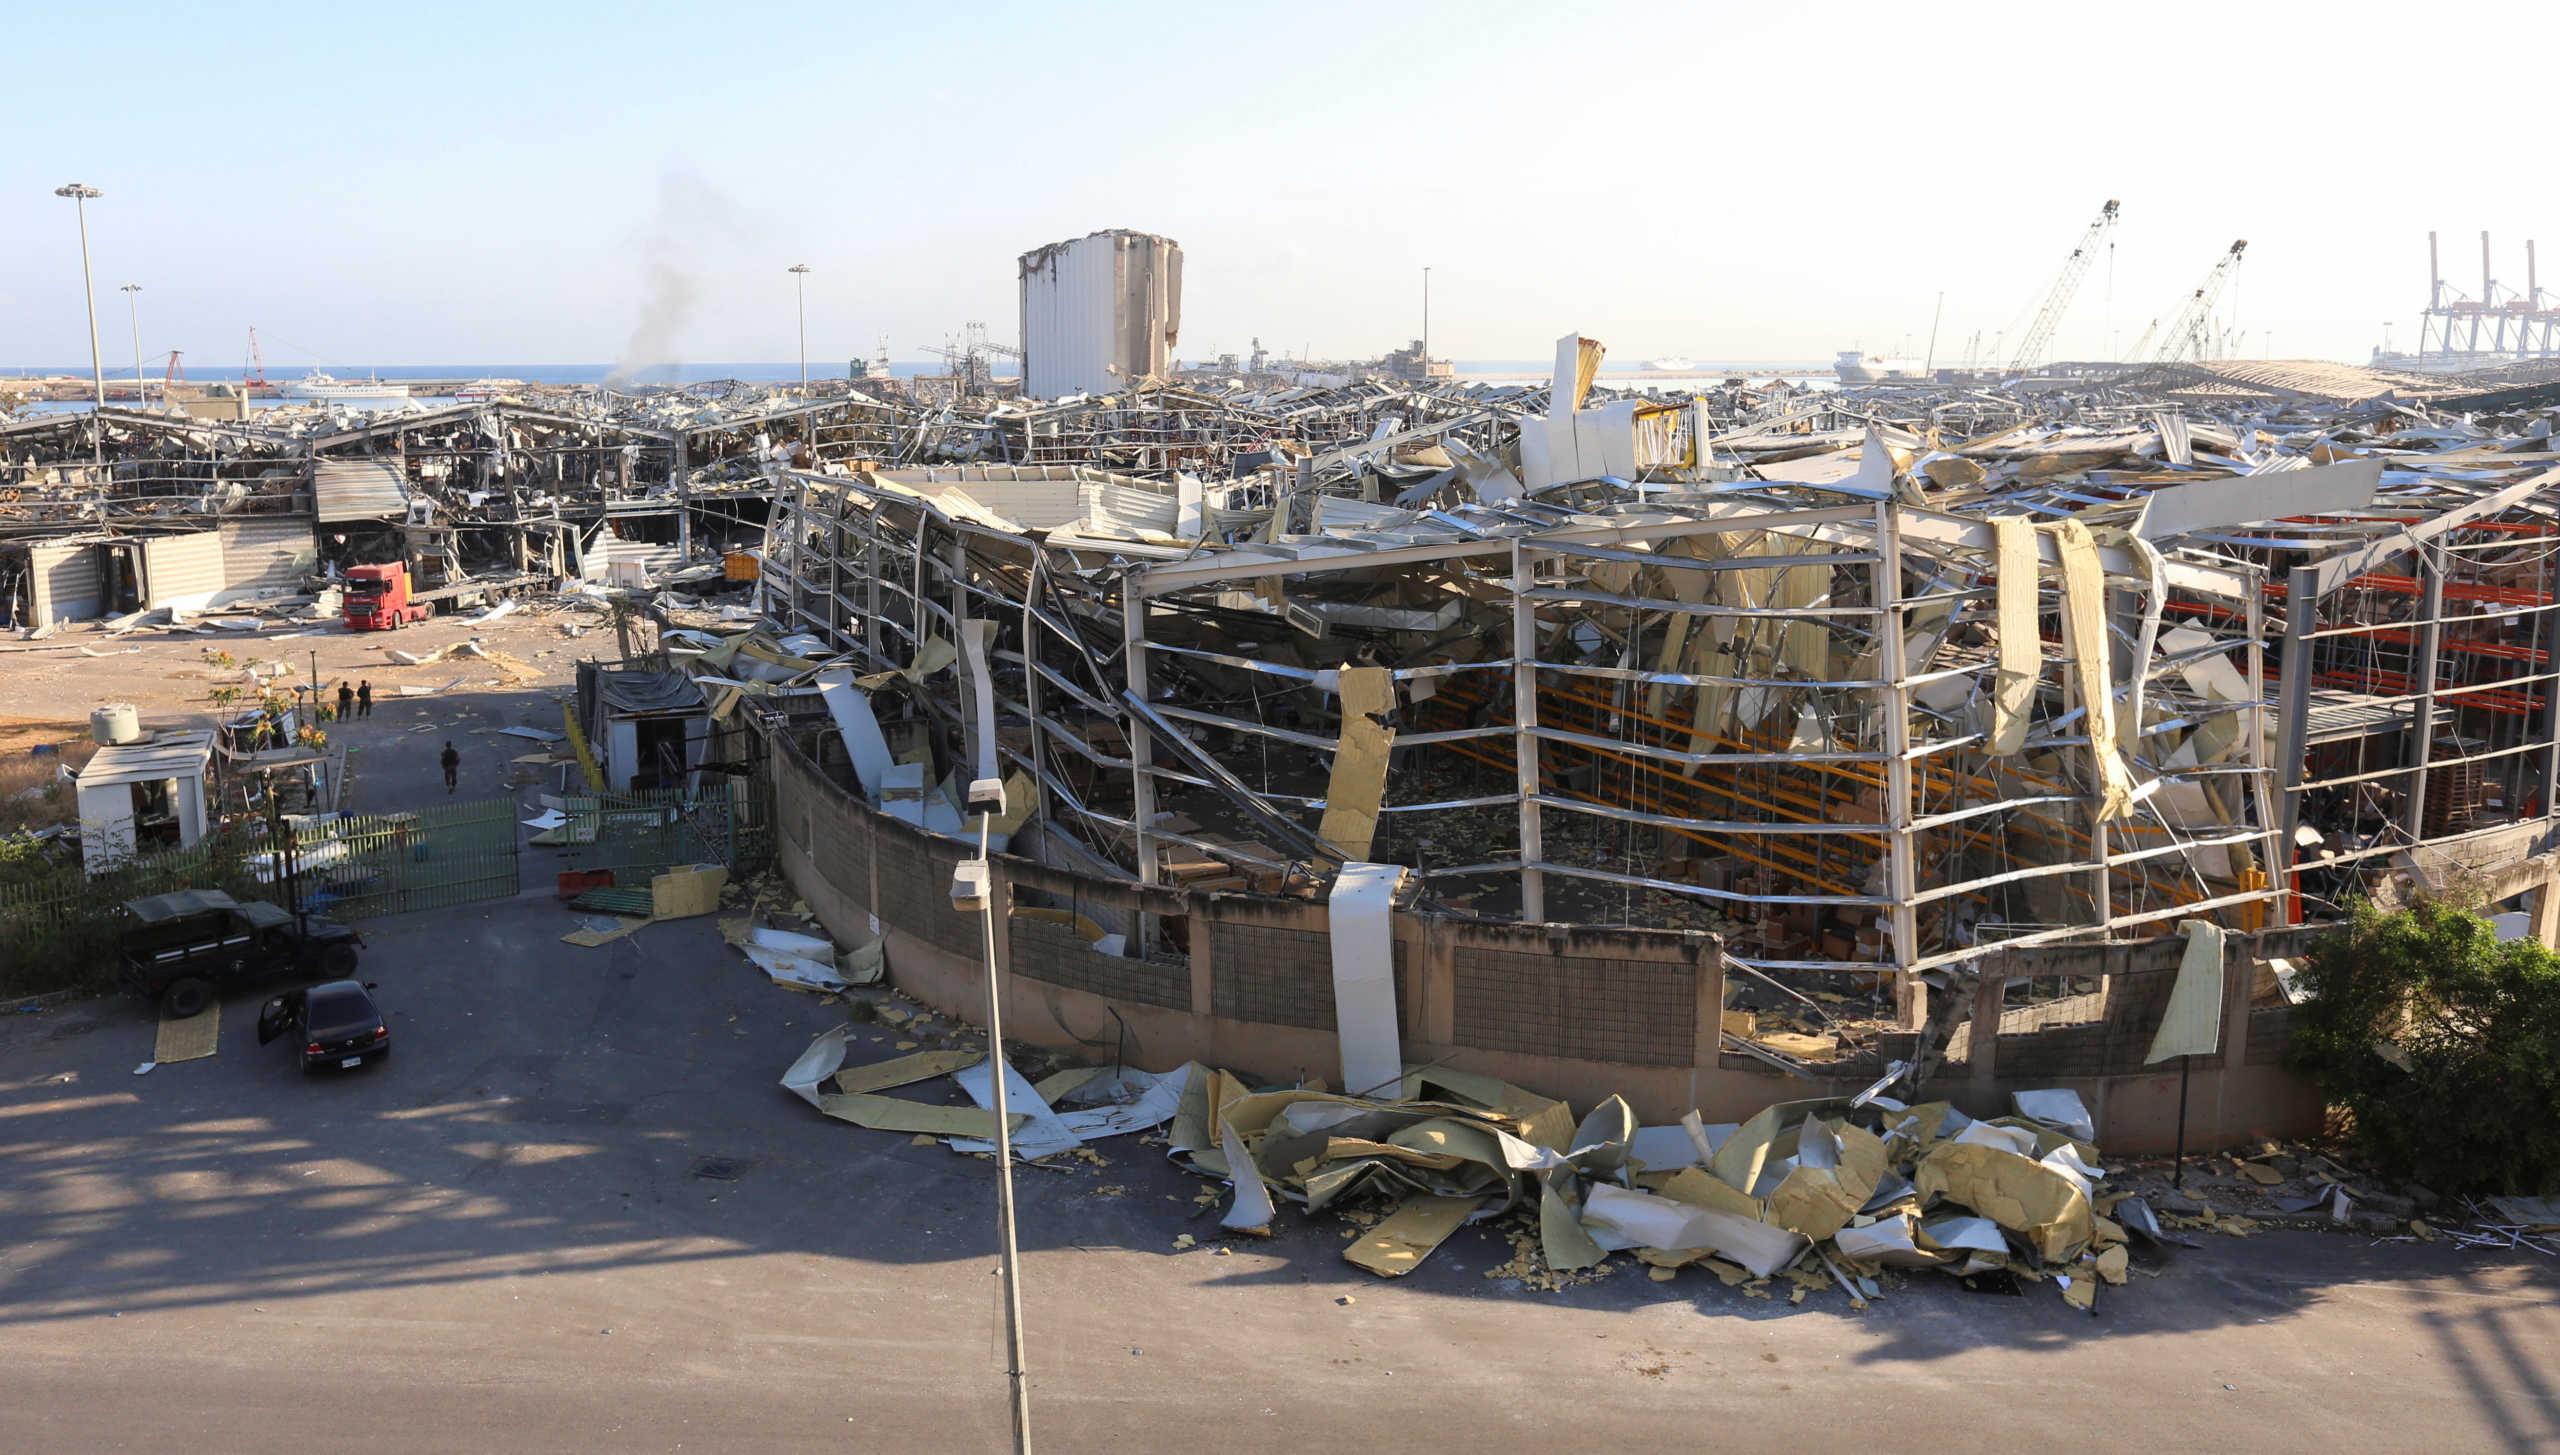 Βηρυτός: Έφτασαν τους 154 οι νεκροί από τις τρομακτικές εκρήξεις – Στον Λίβανο ο Σαρλ Μισέλ